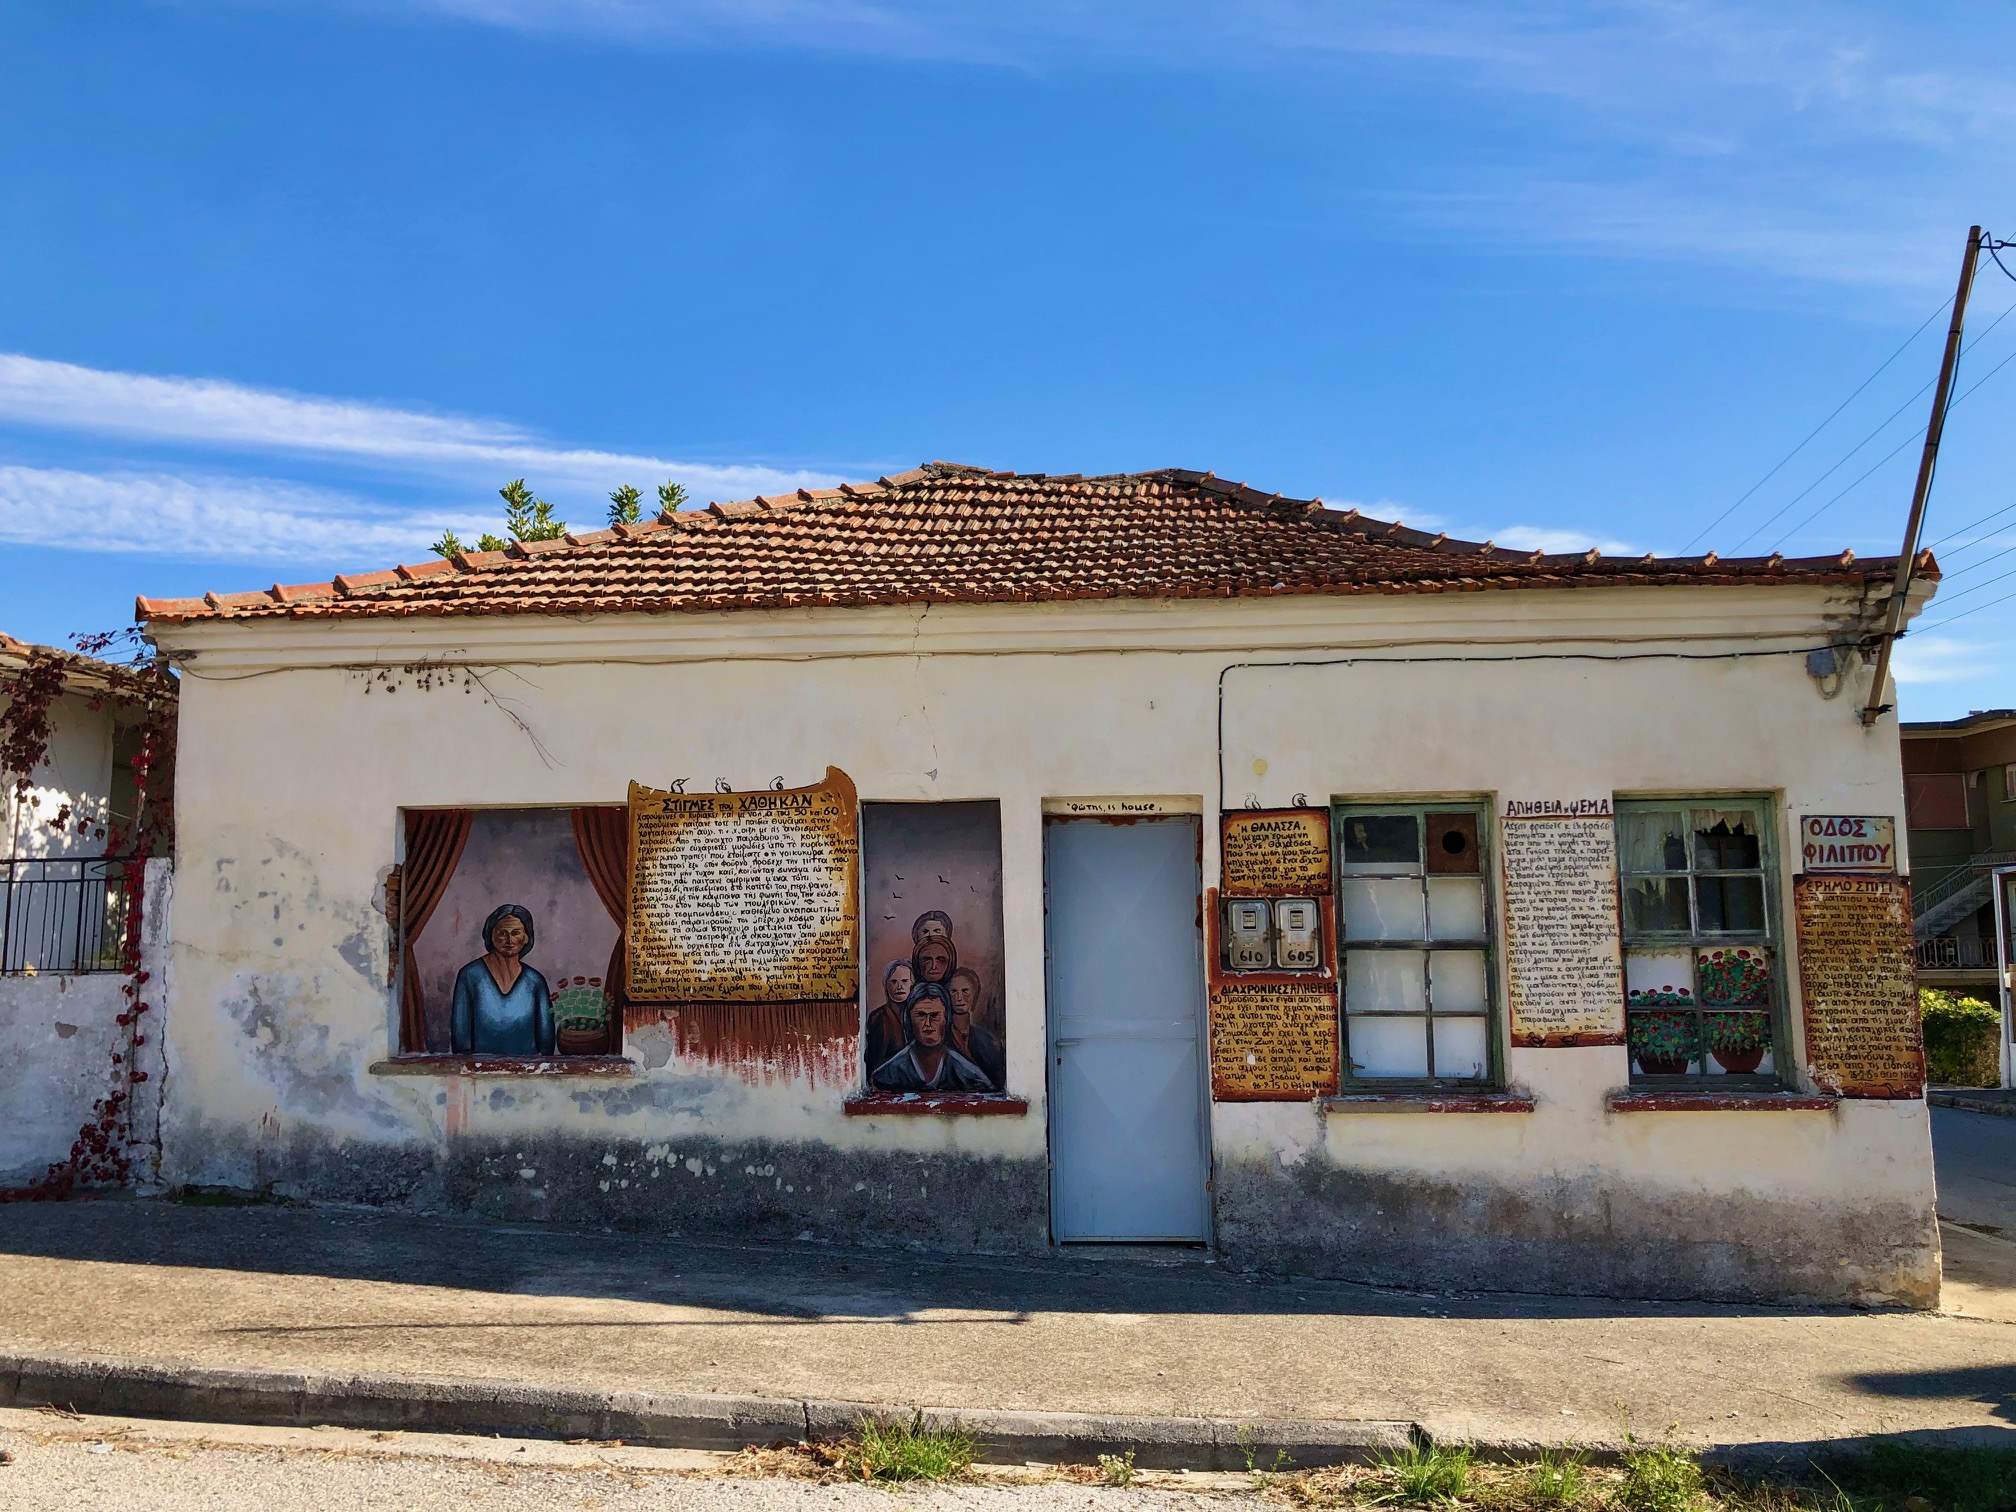 Πιερία: Δούλευε 7 χρόνια και άλλαξε όψη όλο το χωριό! Δείτε το εκπληκτικό τελικό αποτέλεσμα (Φωτό)